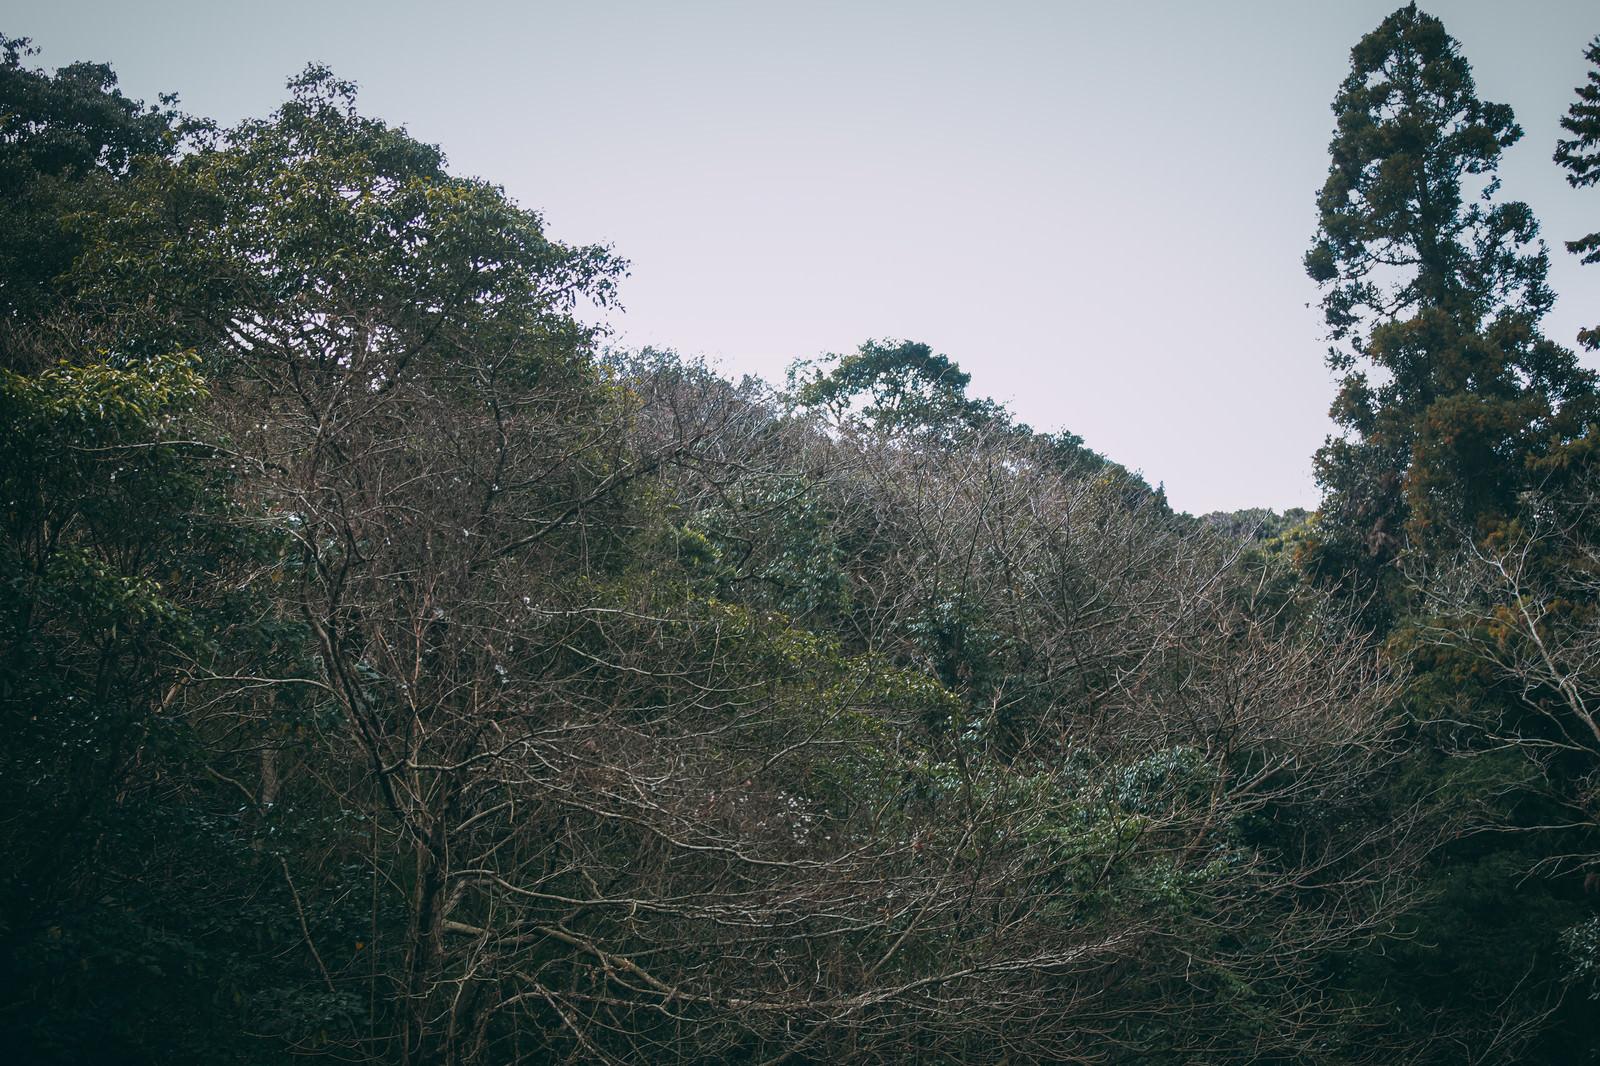 「不気味な森と密集している枯れ枝」の写真